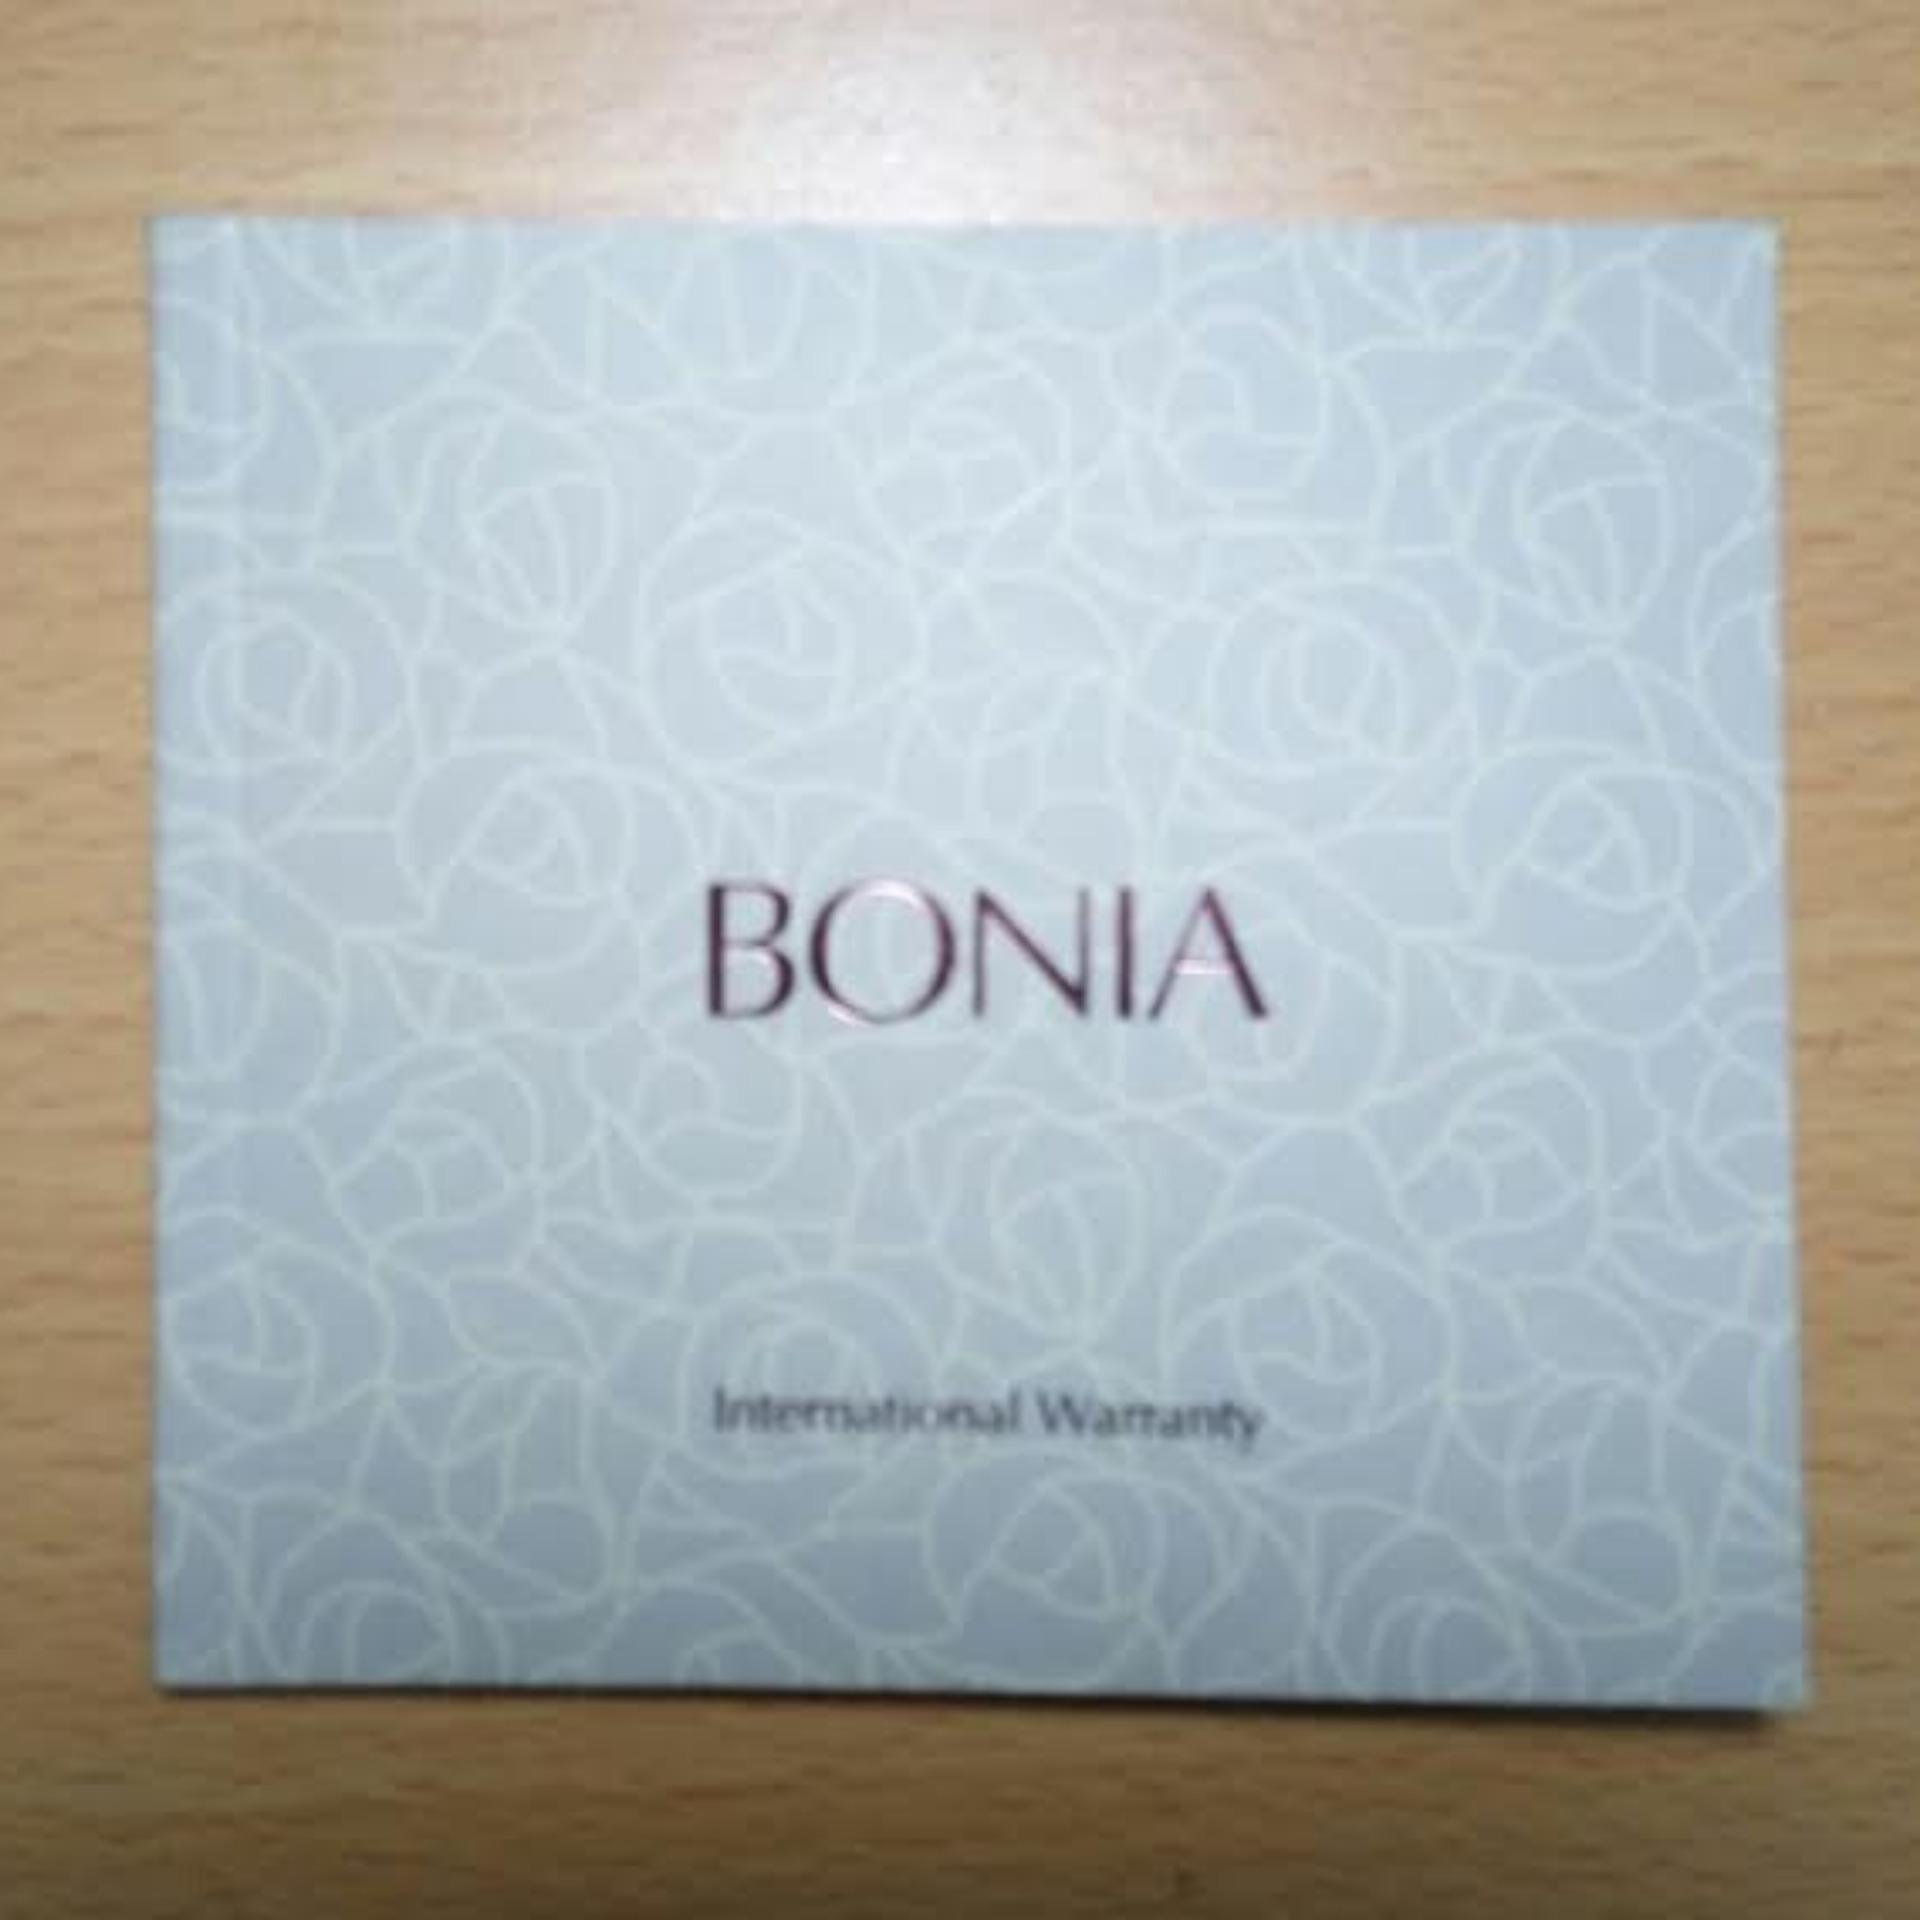 Pencarian Termurah Bonia Jam Tangan Wanita B869 2537 Black Police 14639jsrbl 02 Coklat Rosegold Ring Biru Ceramic Stainless Steel